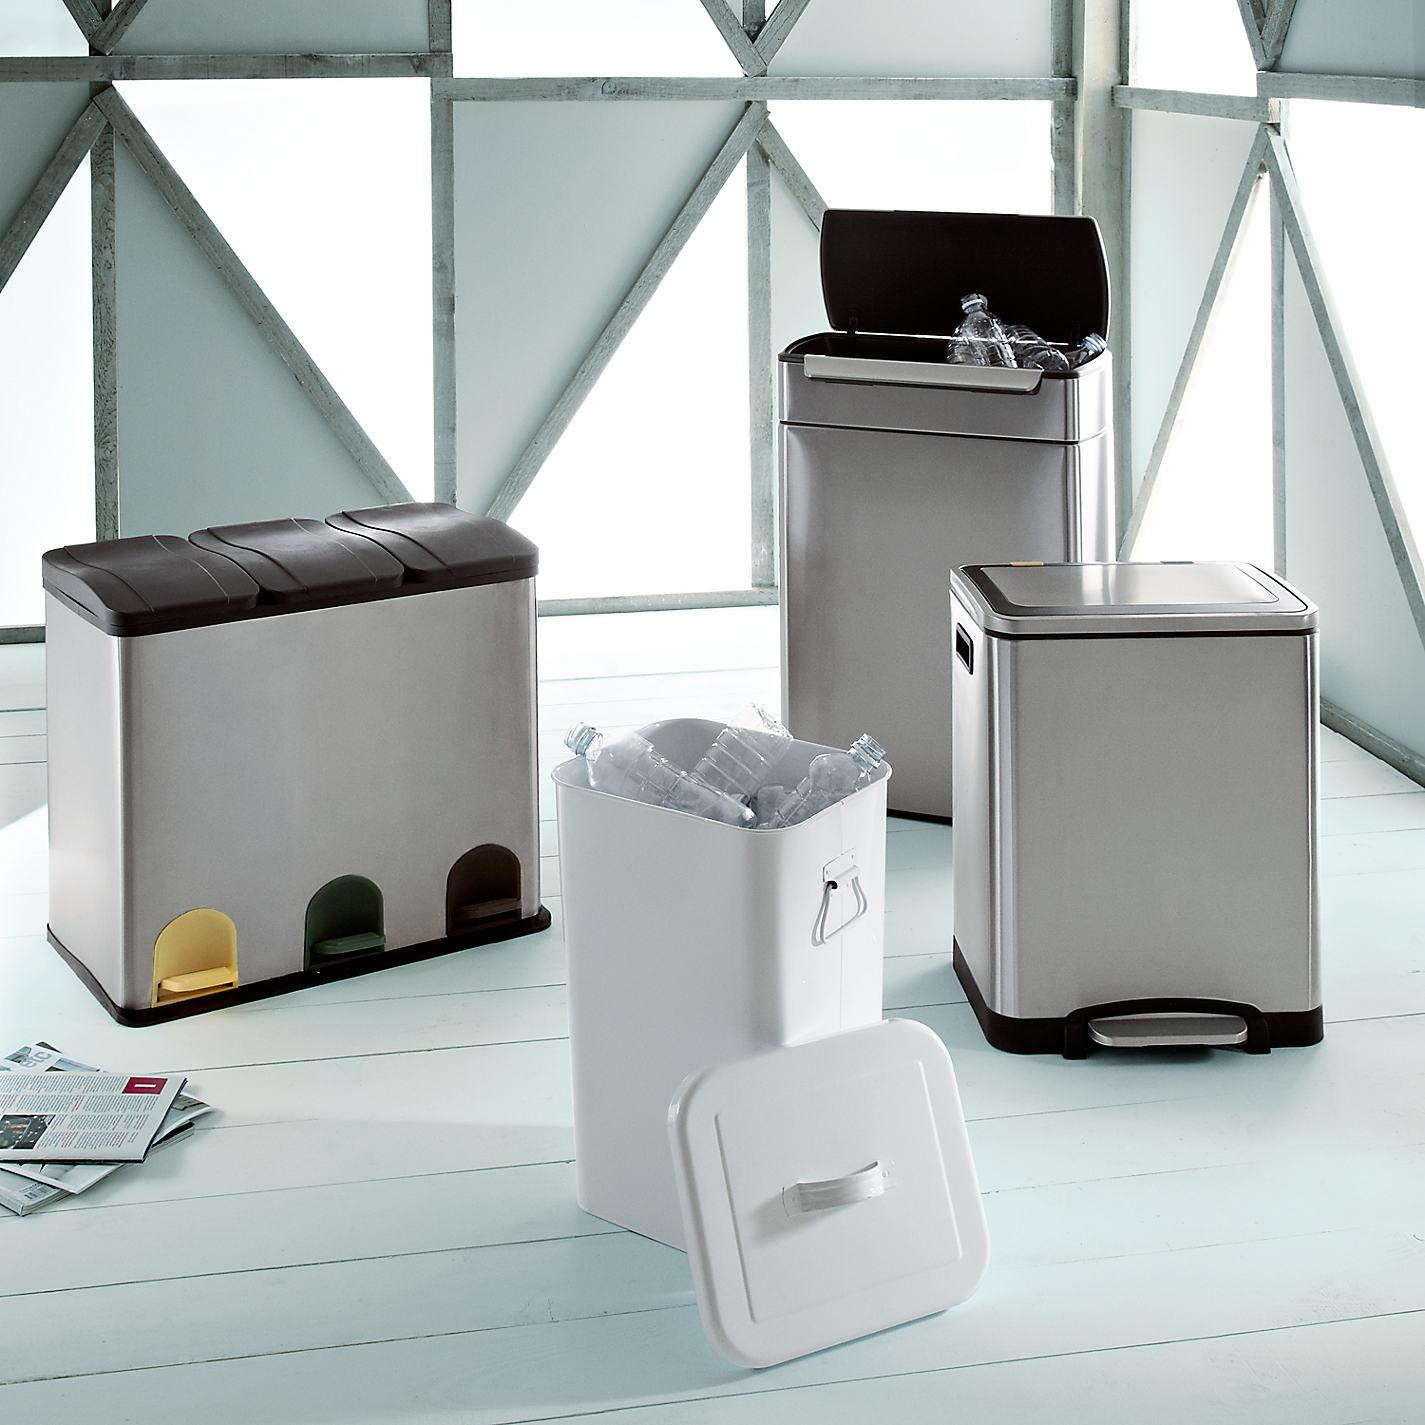 Simplehuman Recycler | Simplehuman 40 Litre Butterfly Recycler | Cheap Simplehuman Bin Liners